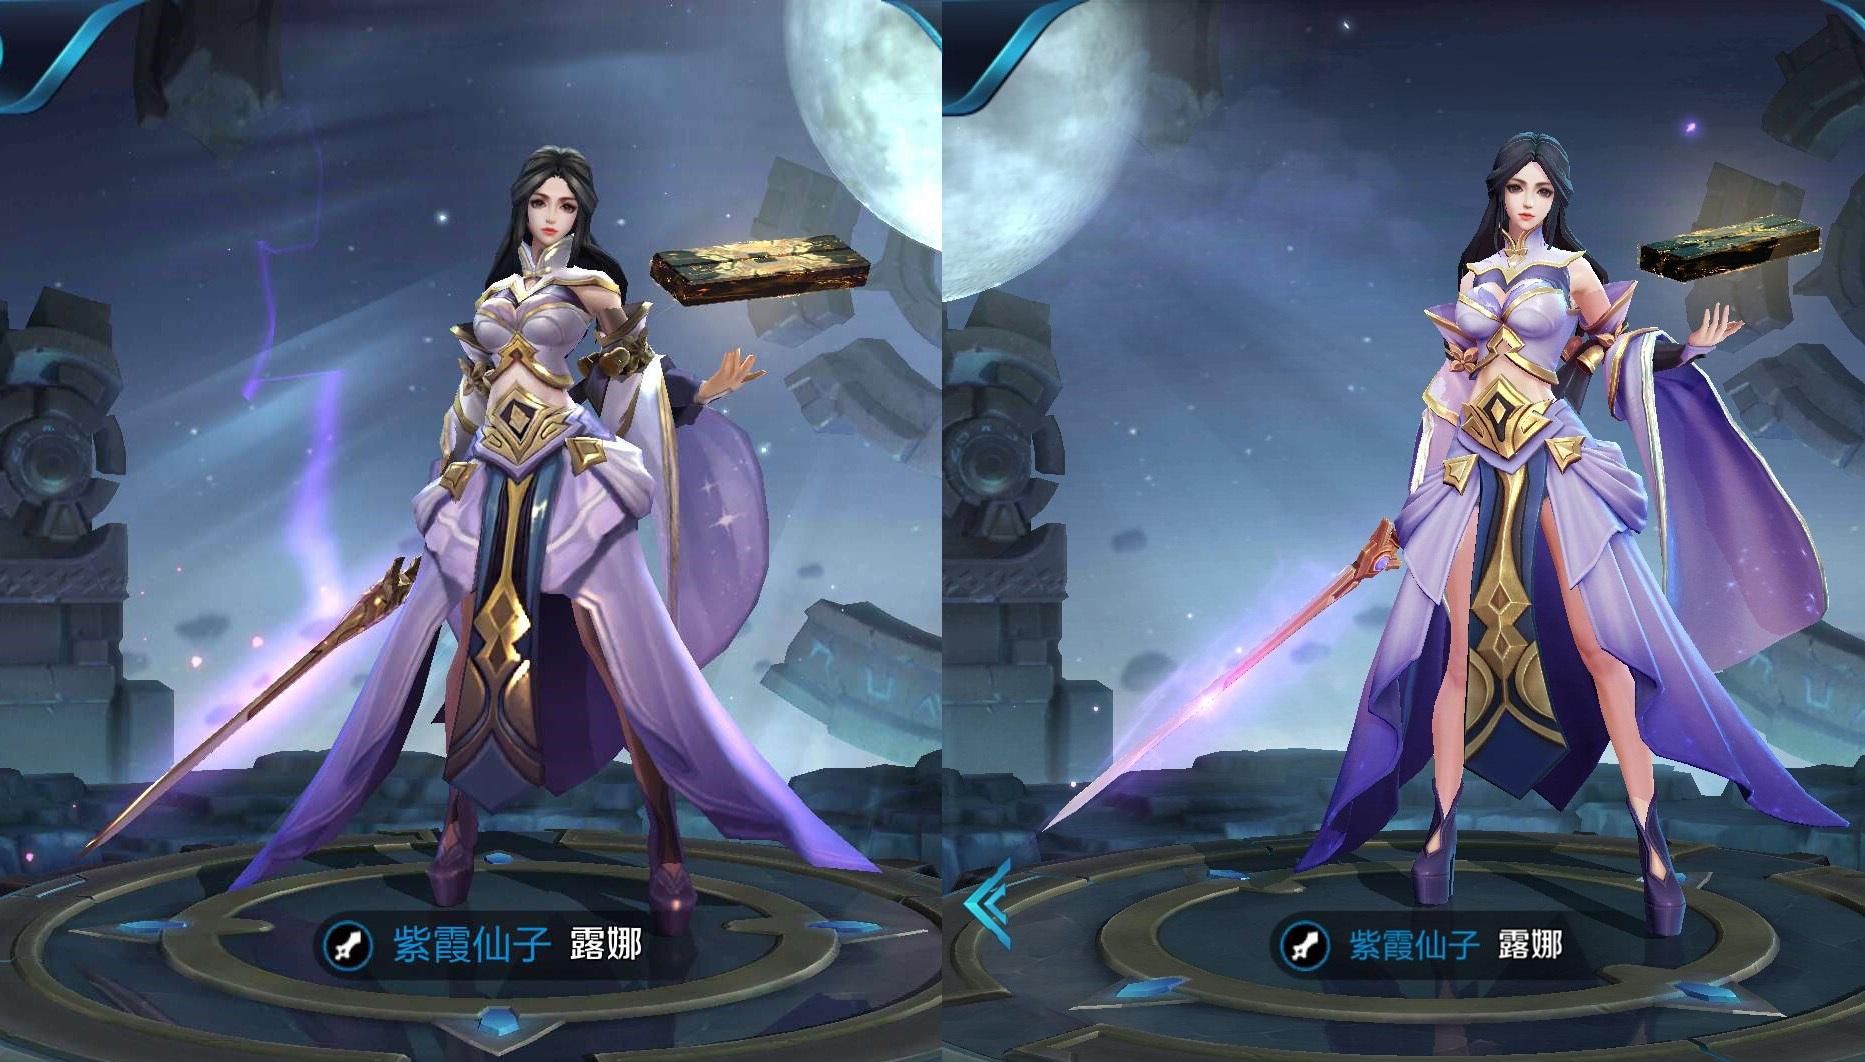 王者榮耀:露娜新舊模型對比!這款288皮膚居然比紫霞仙子還美?圖片